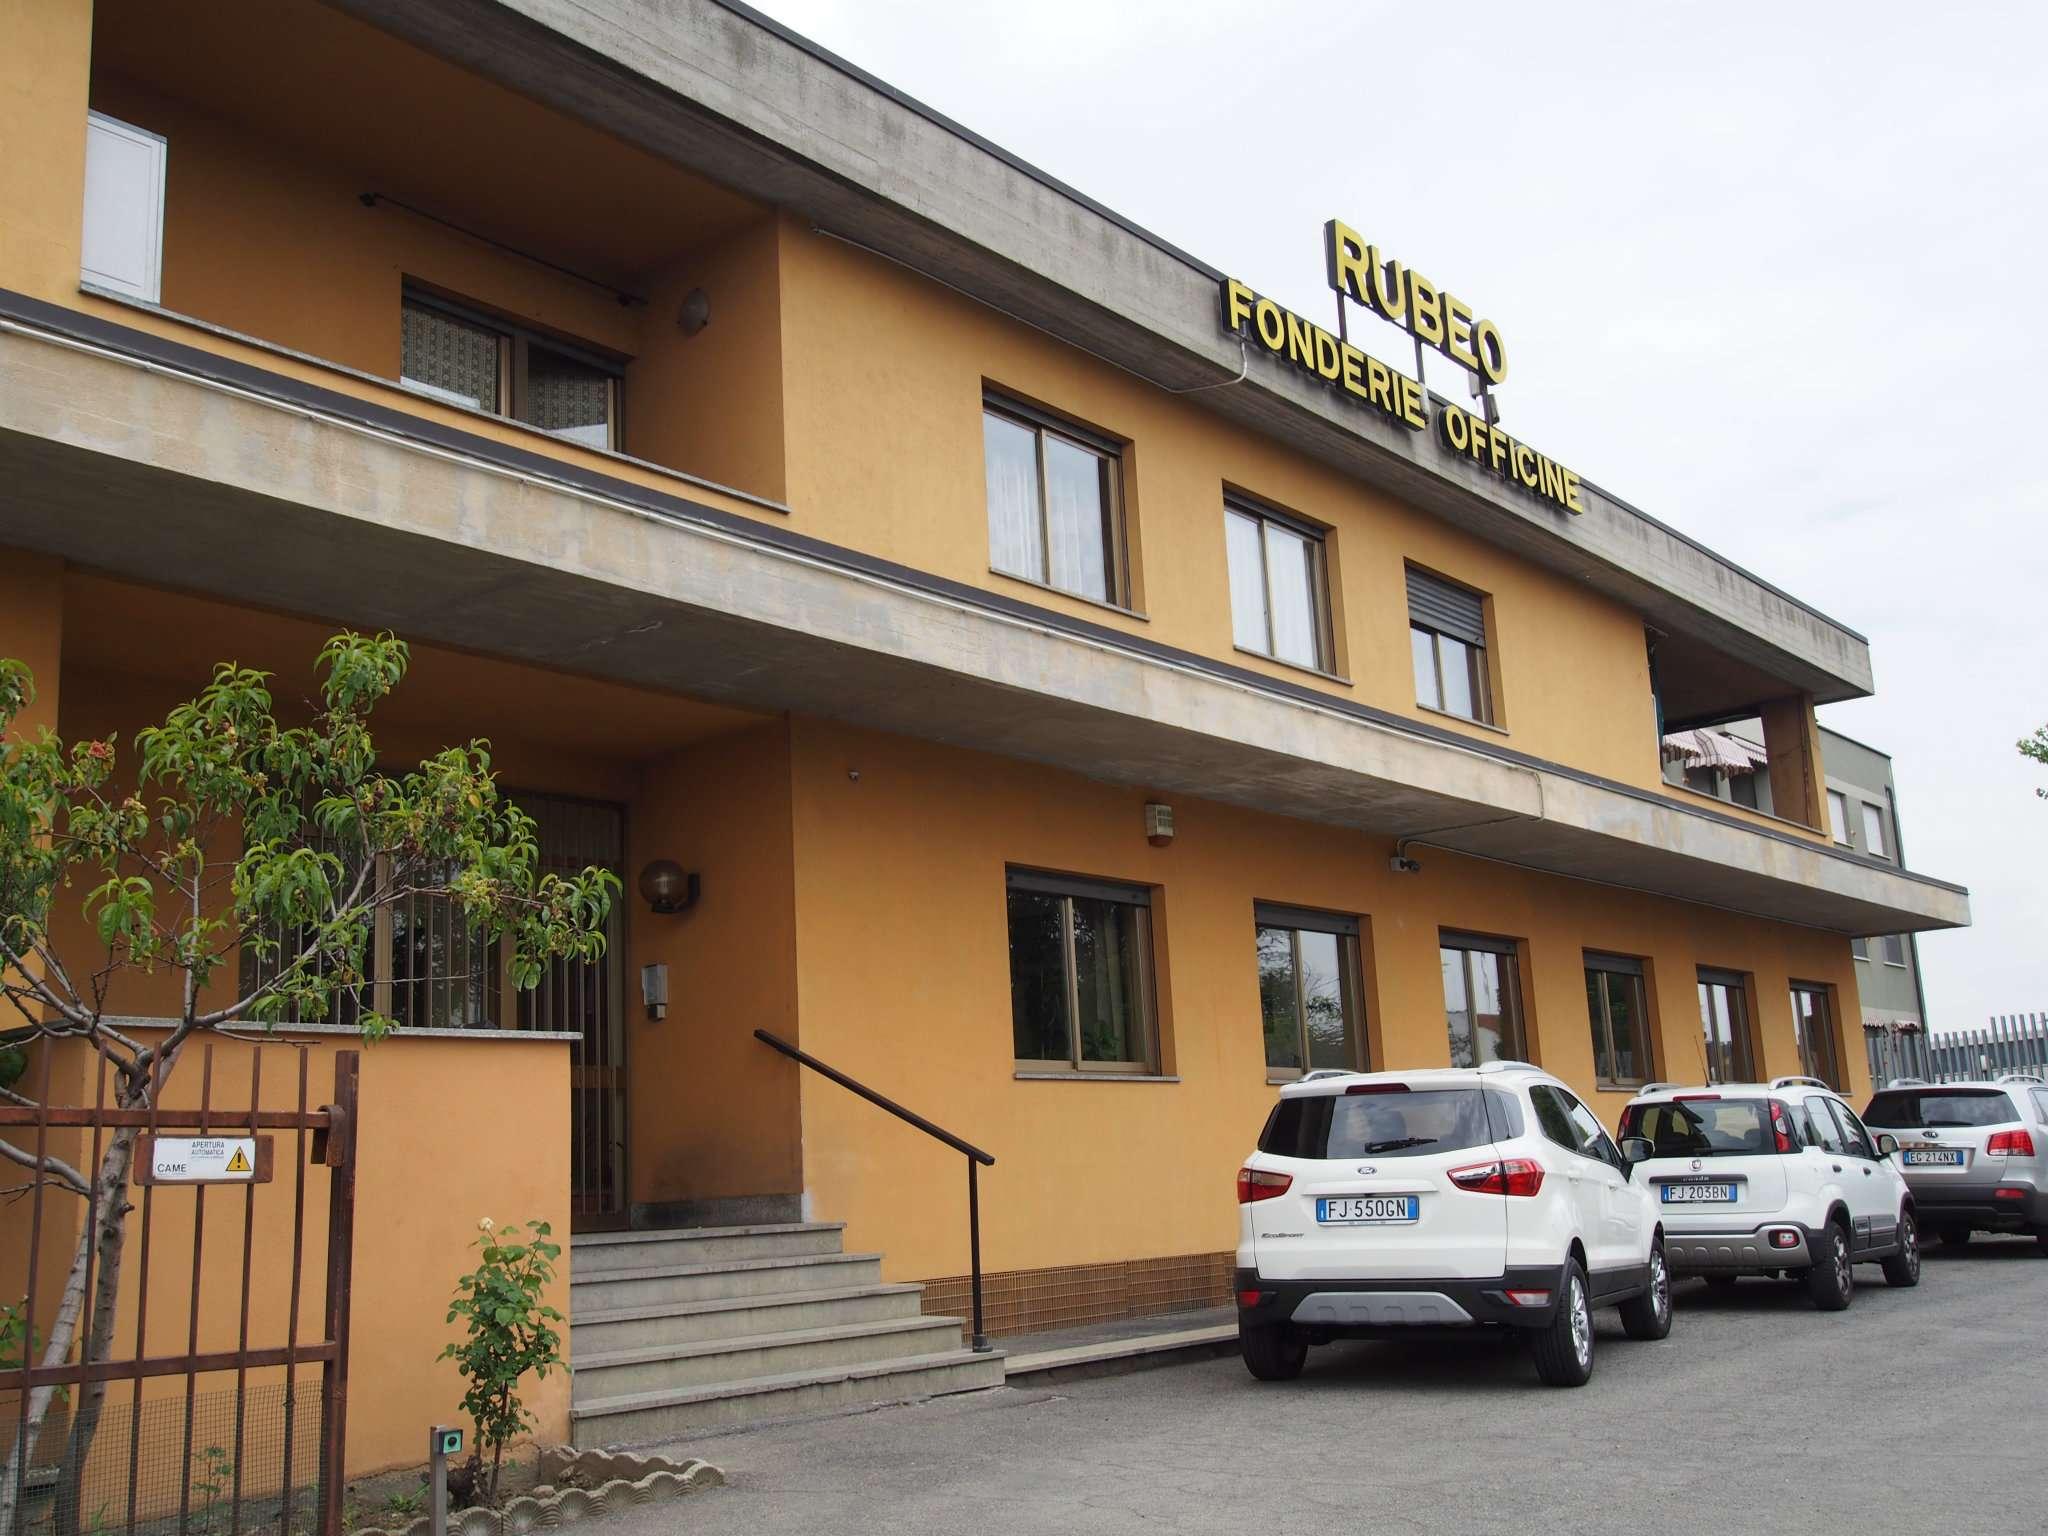 Capannone in vendita strada Carignano 56 Moncalieri